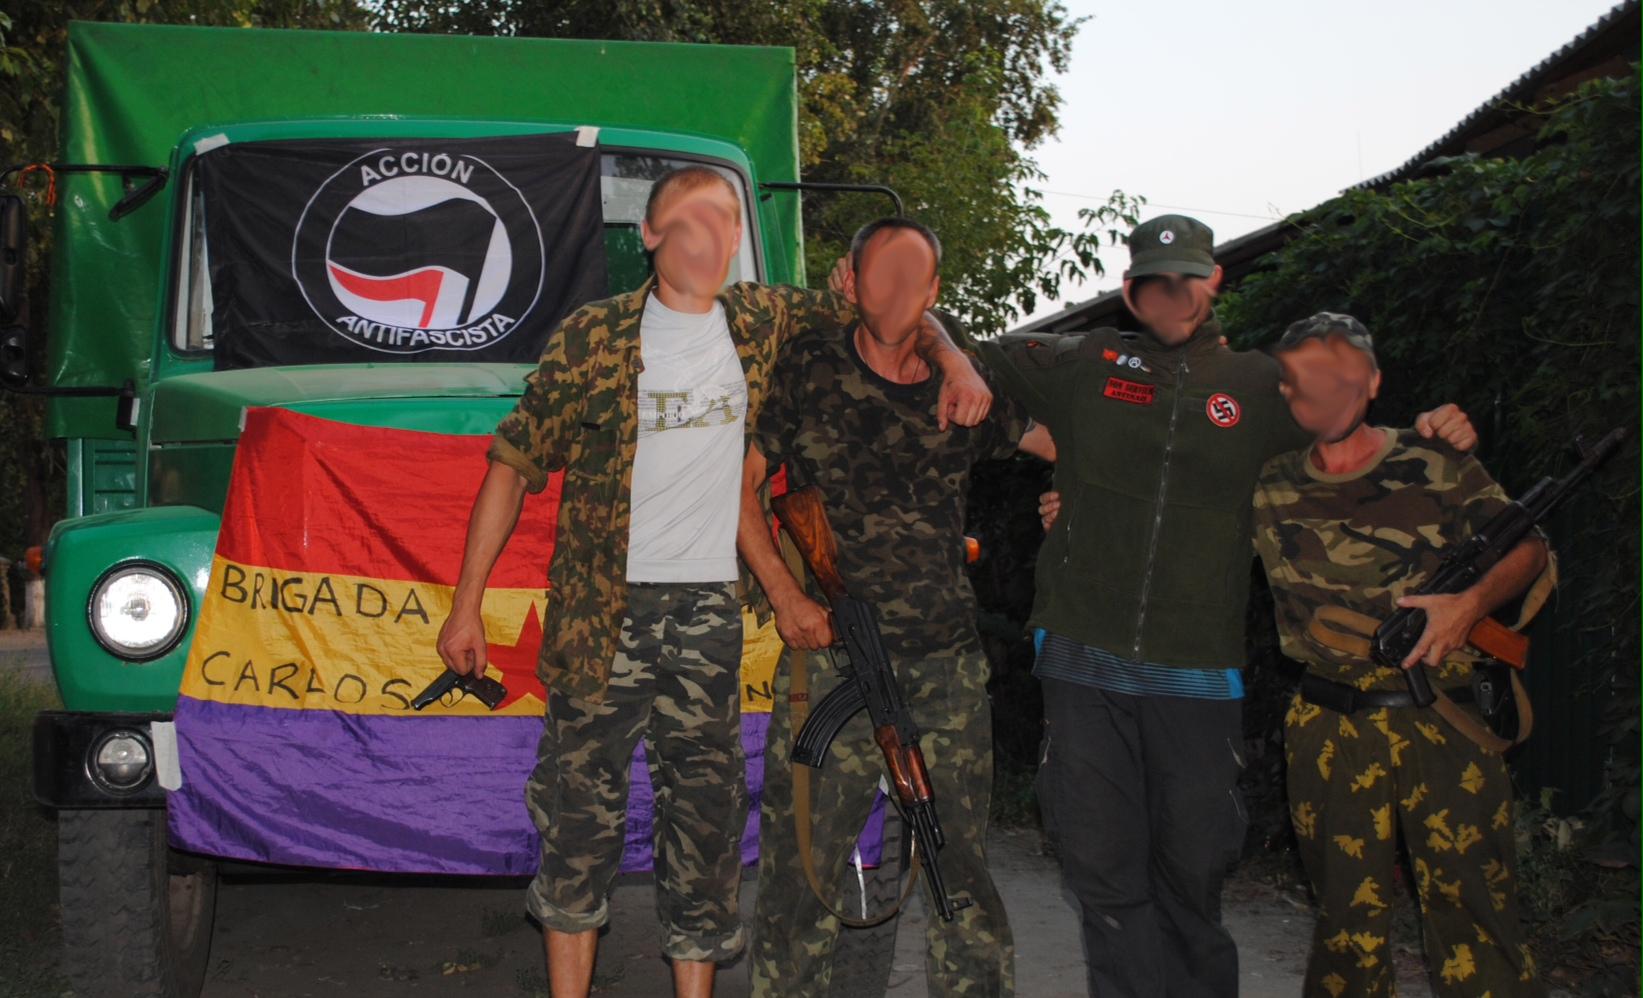 GUERRA CONTRA EL FASCISMO EN UCRANIA. Comunicado de la Brigada Internacional Carlos Palomino